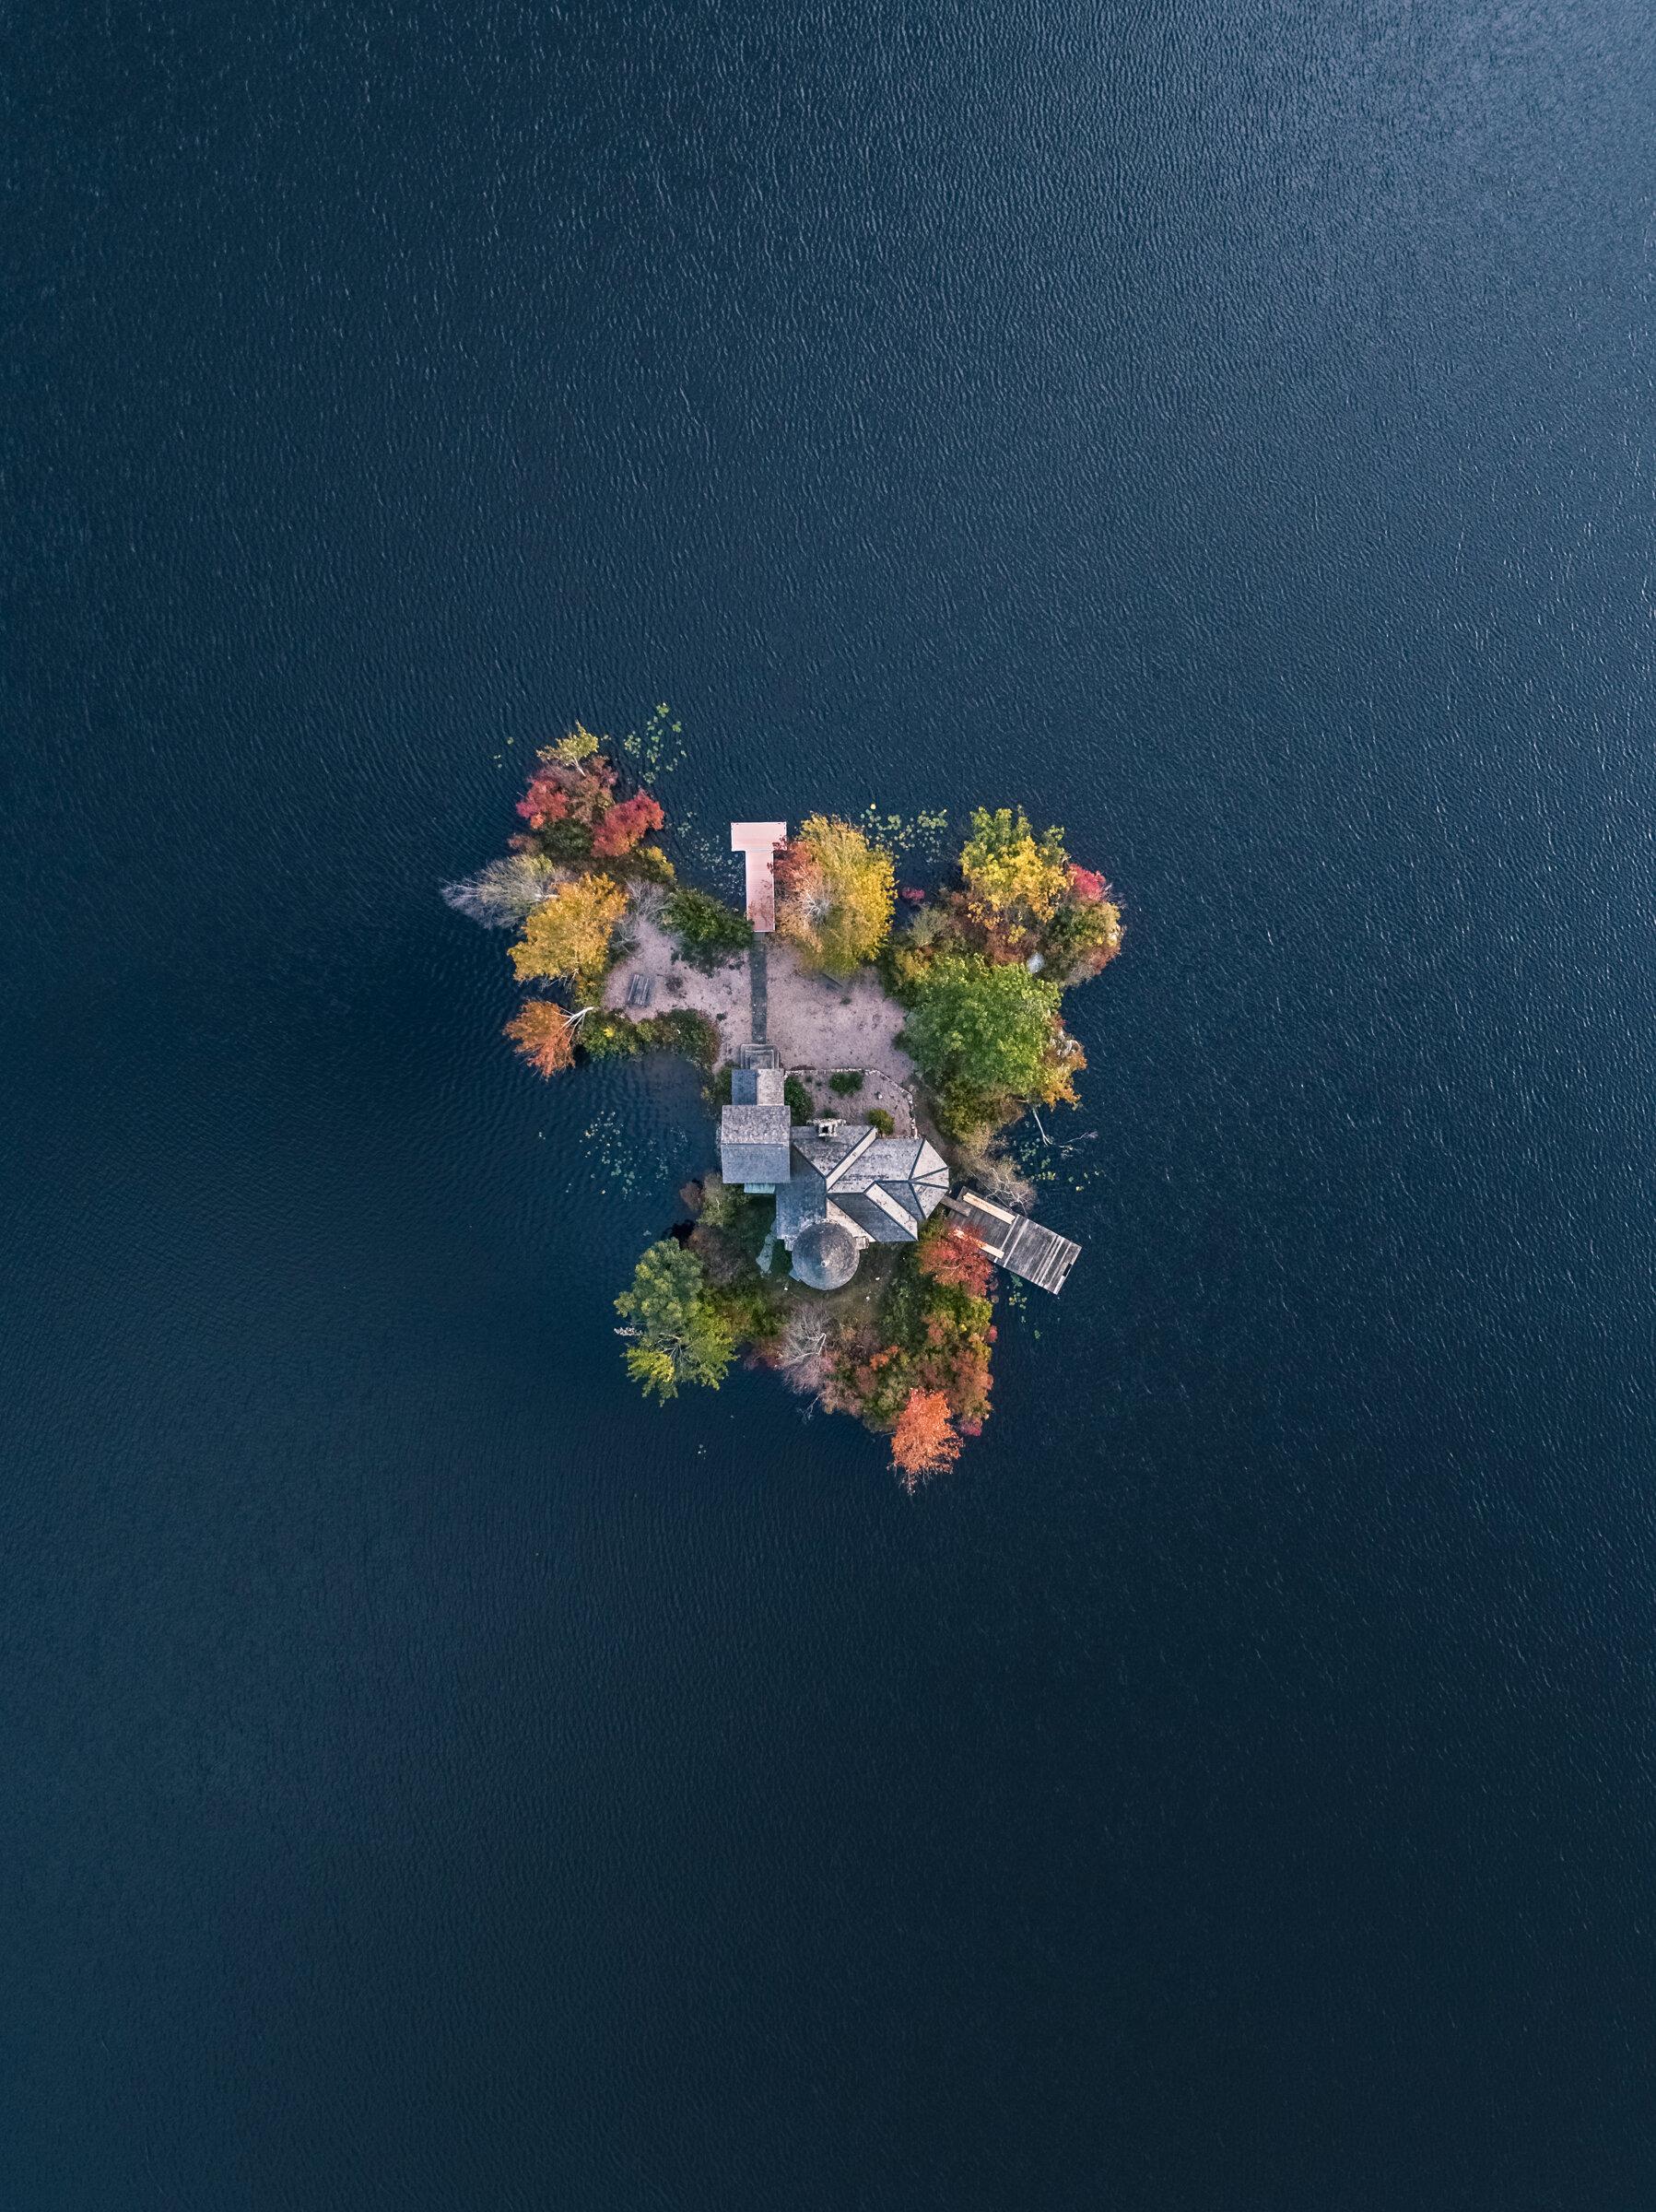 Fall Island_typoland_aerial.jpg